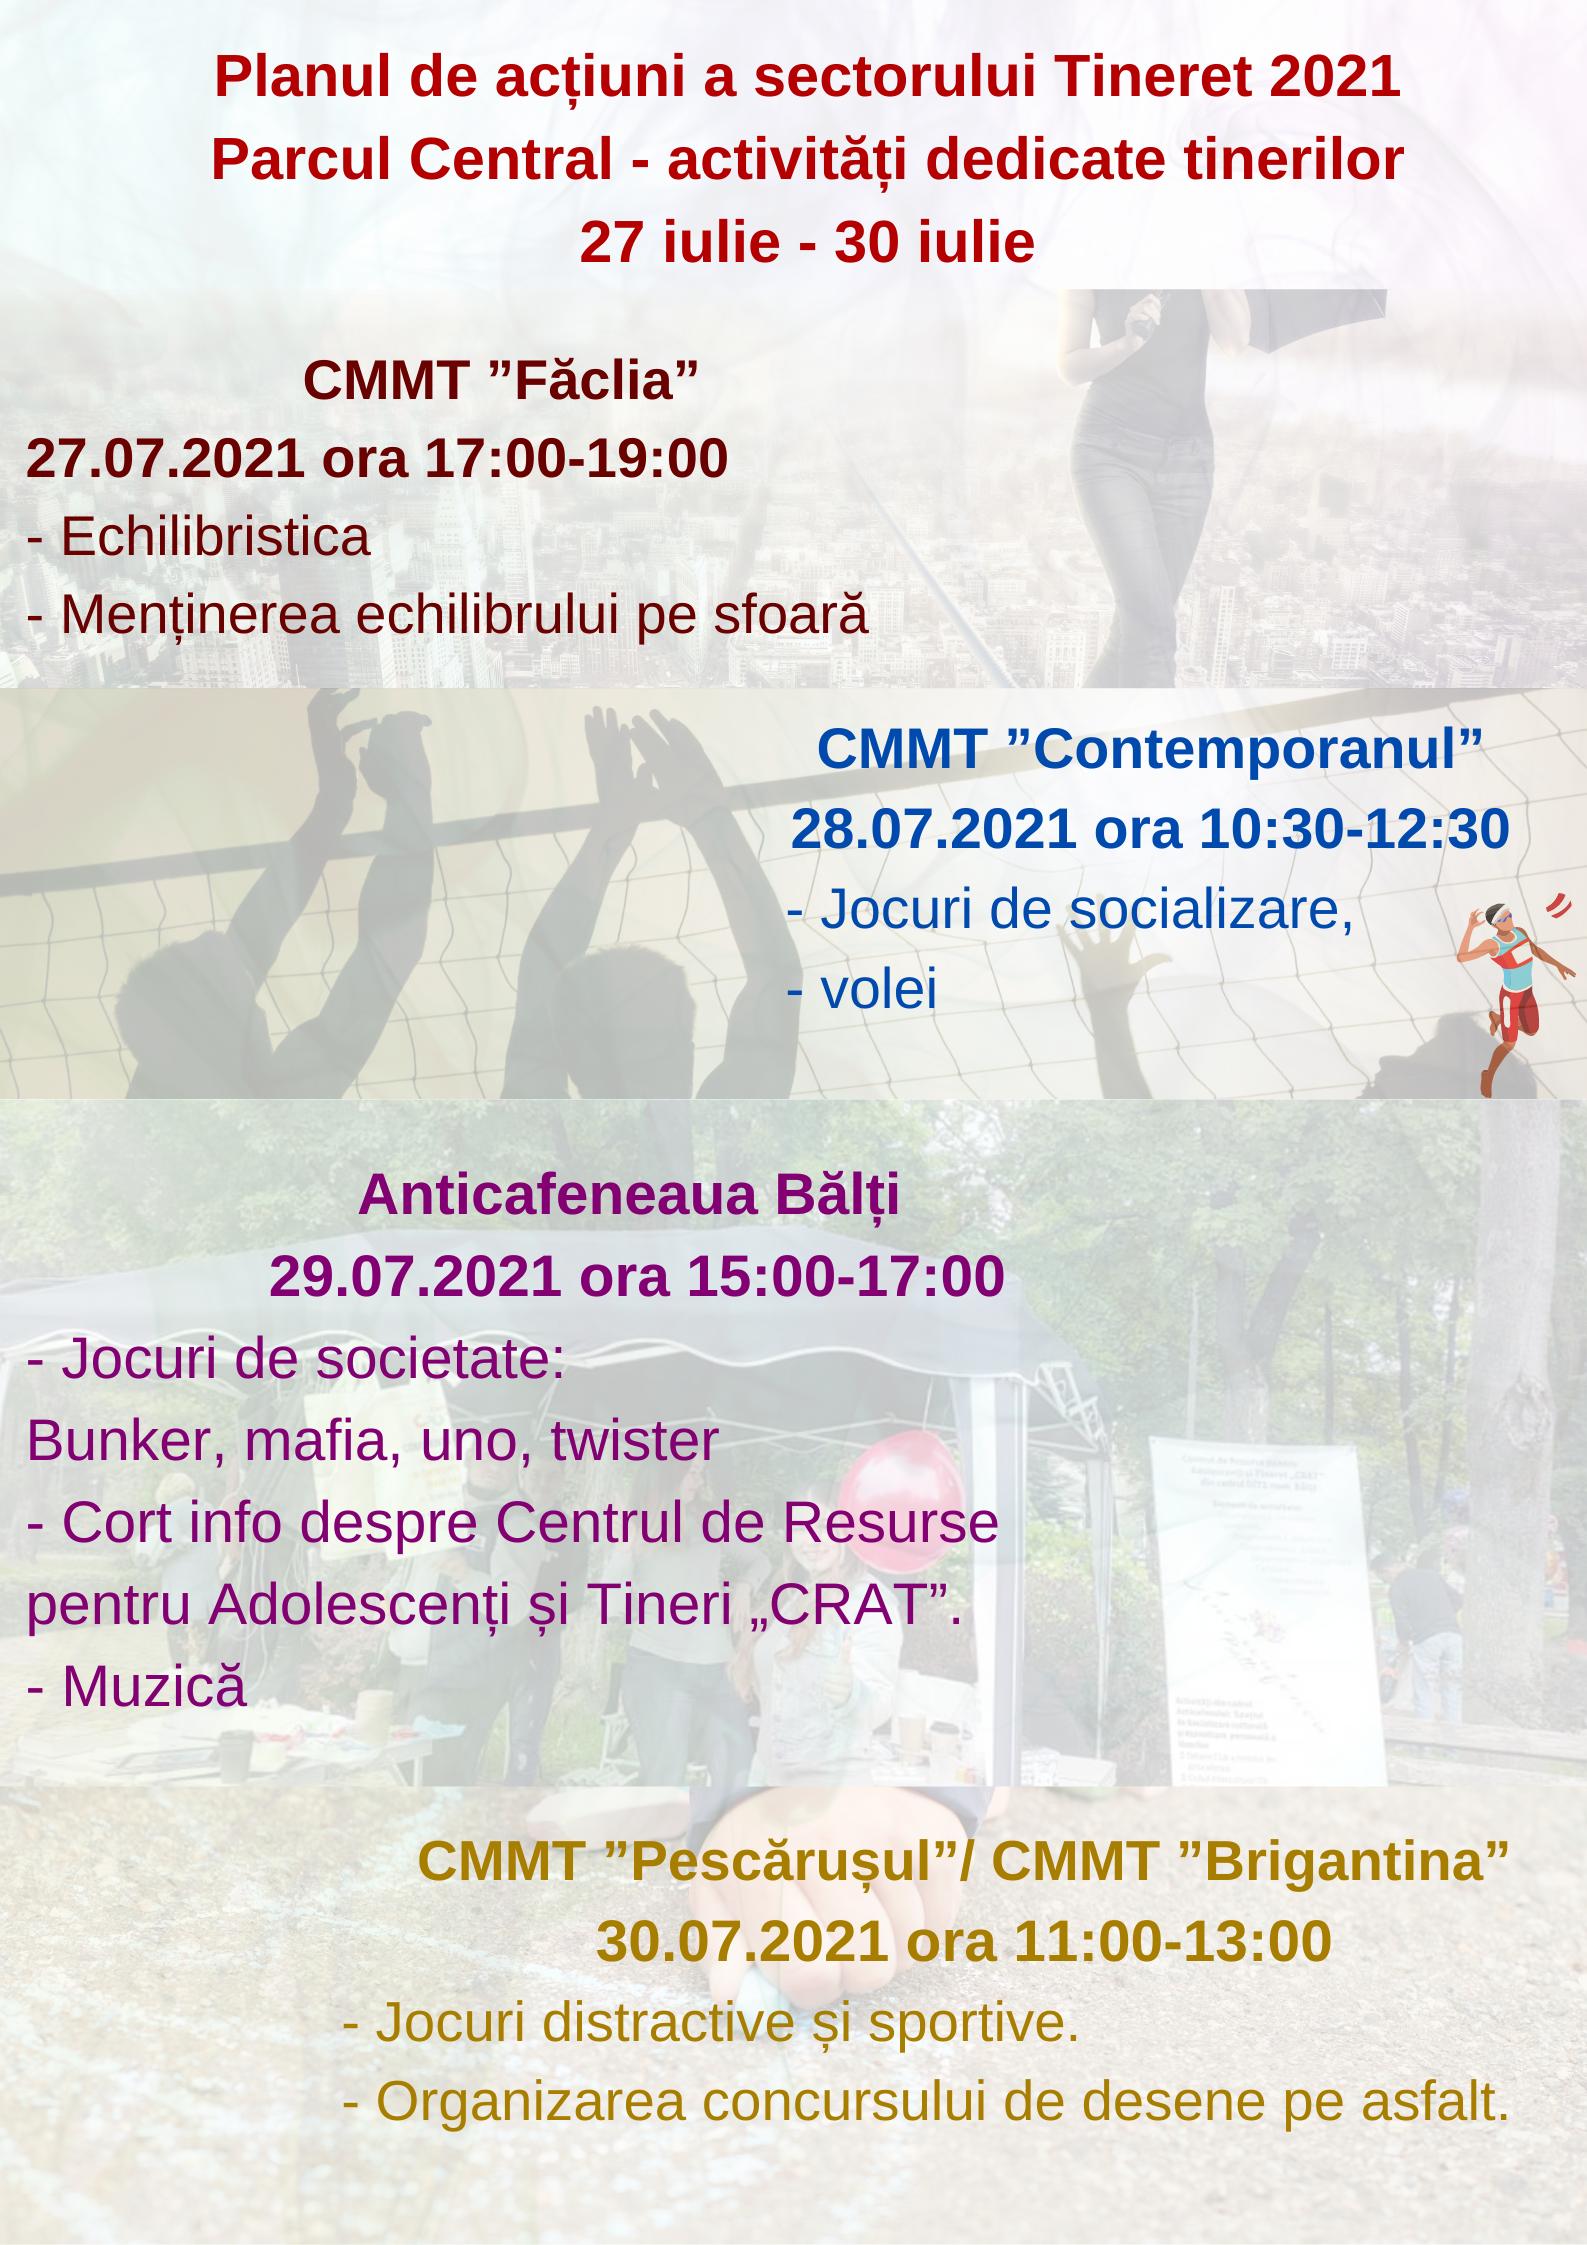 Parcul Central - activități dedicate tinerilor 27-30.07.2021